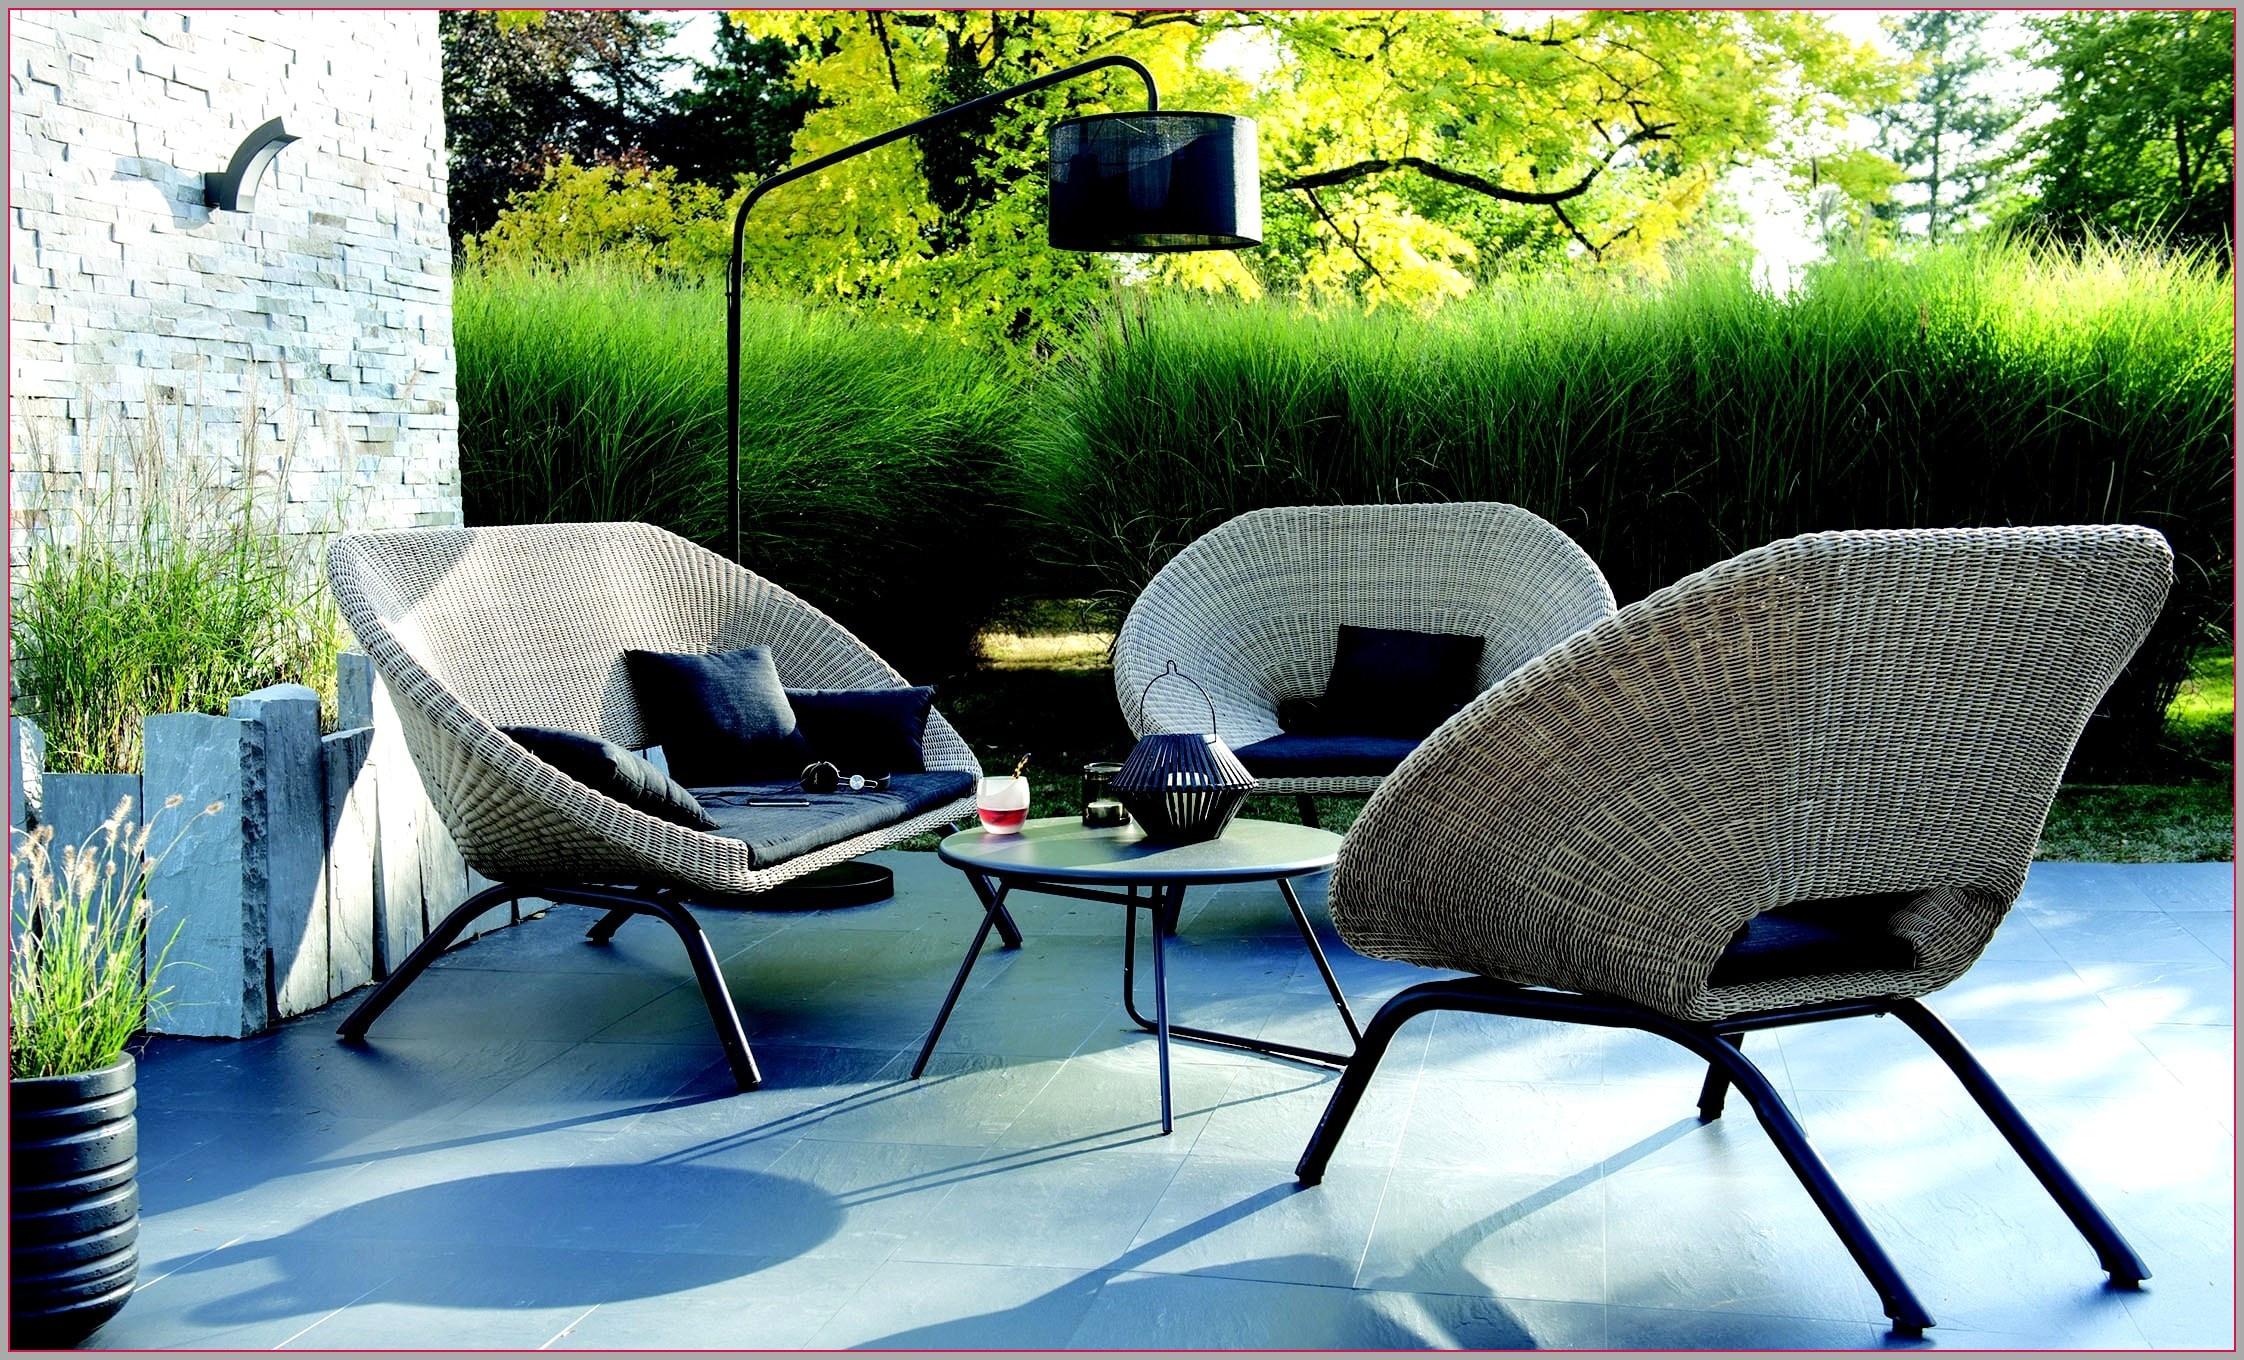 Salon De Jardin Resine Leclerc 169€ - Jardin Piscine Et Cabane intérieur Salon De Jardin Résine Tressée Leclerc